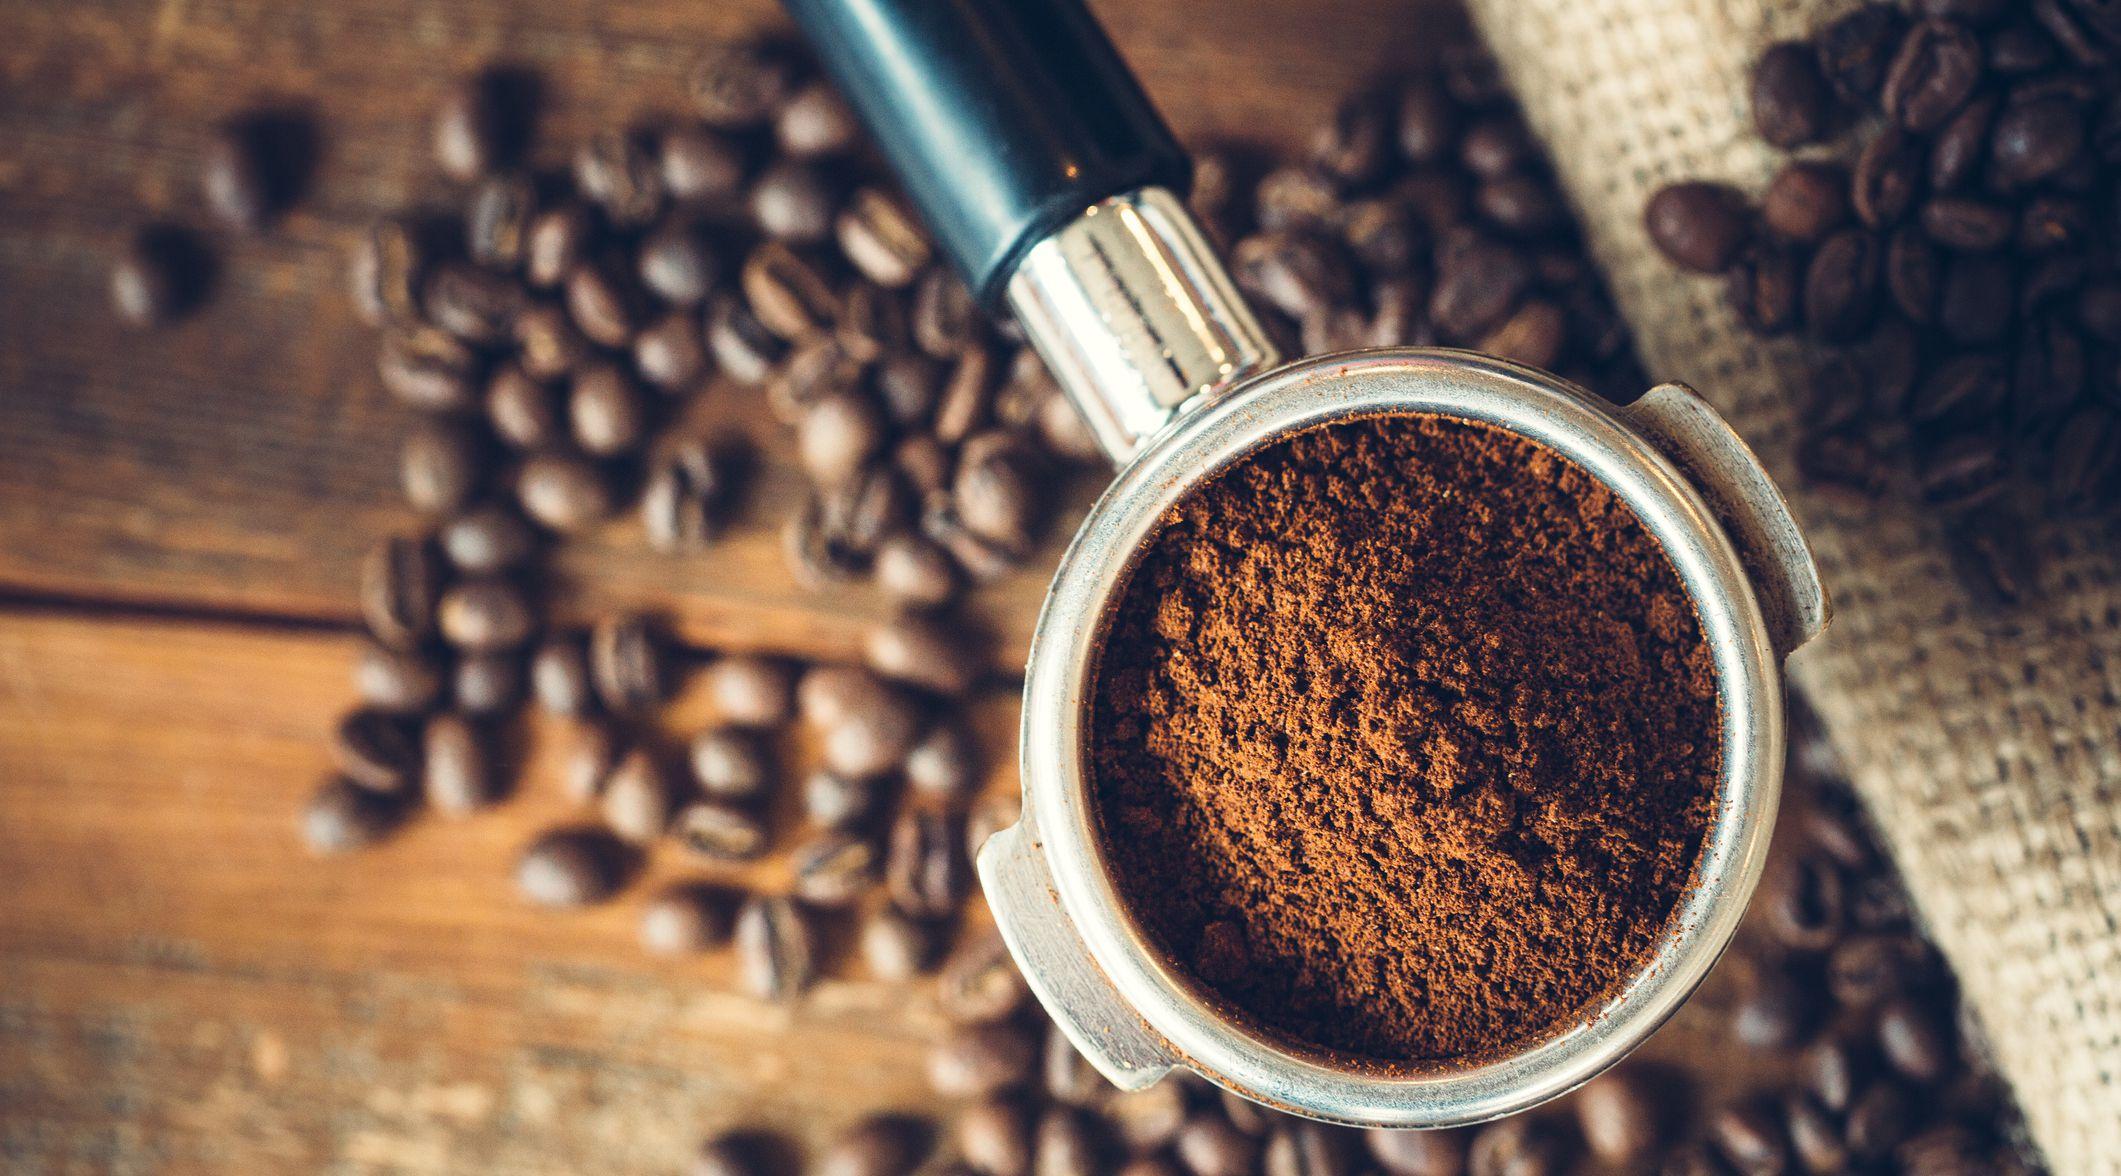 Ένας συνοπτικός οδηγός για όλα τα είδη του καφέ